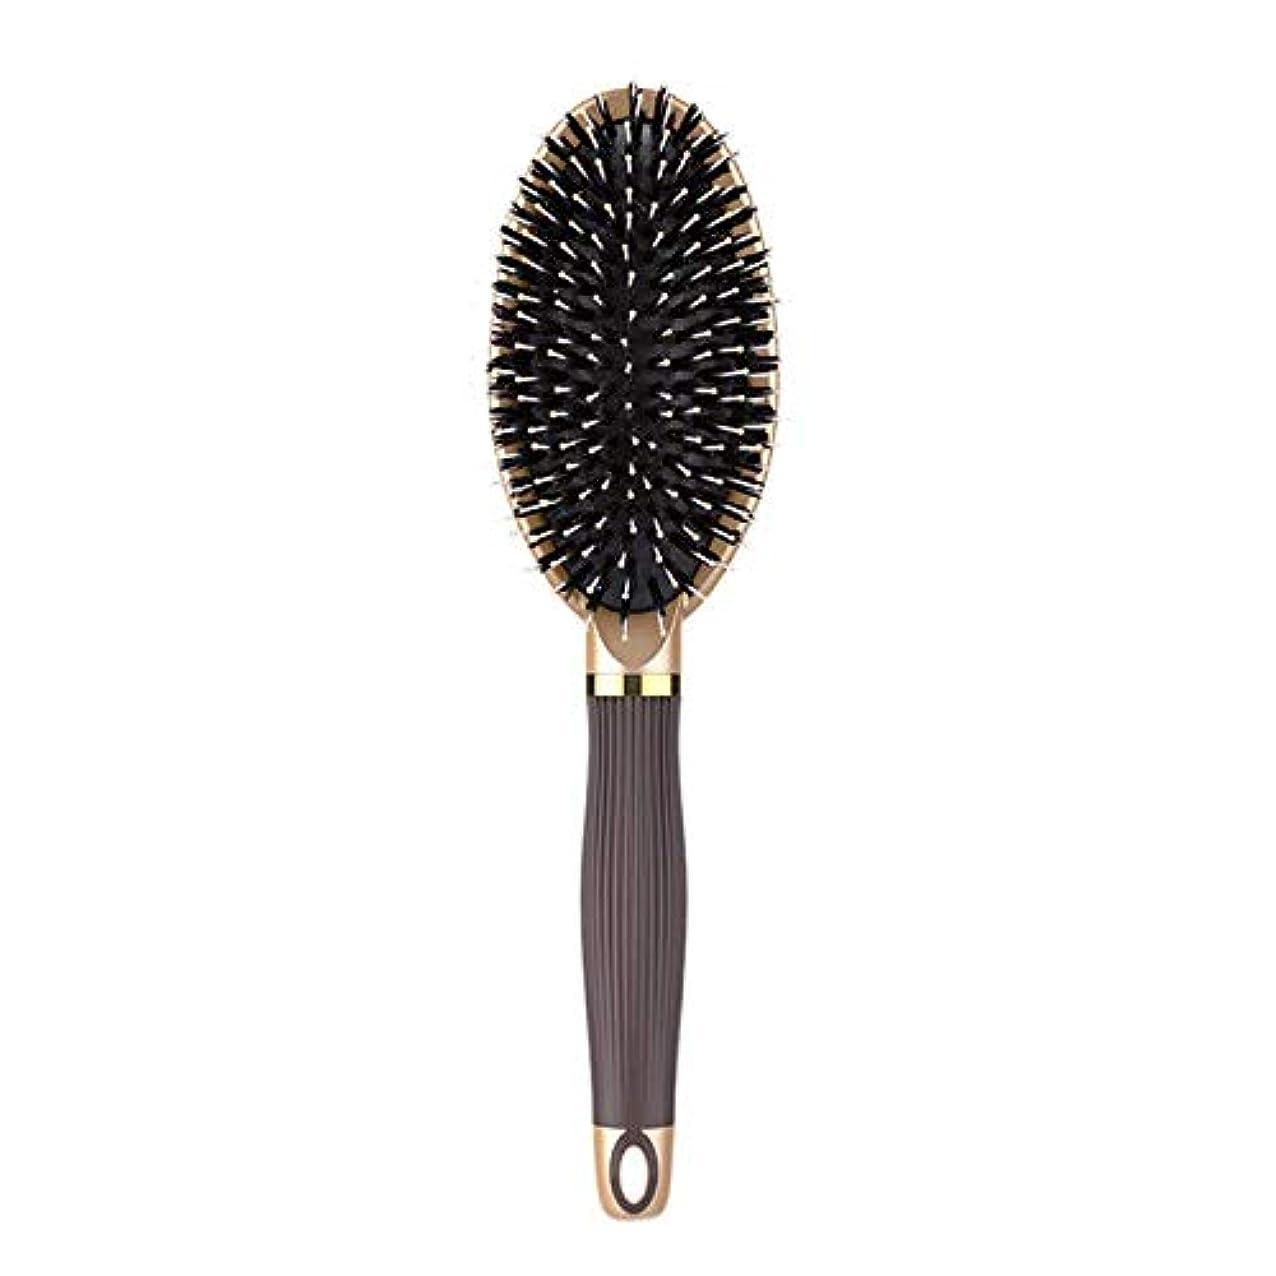 賛美歌永久事CUHAWUDBA ヘアブラシイノシシ剛毛ヘアブラシと濡れた髪または乾いた髪に最適な作品髪を矯正して滑らかにするためにデザイン 女性&男性用